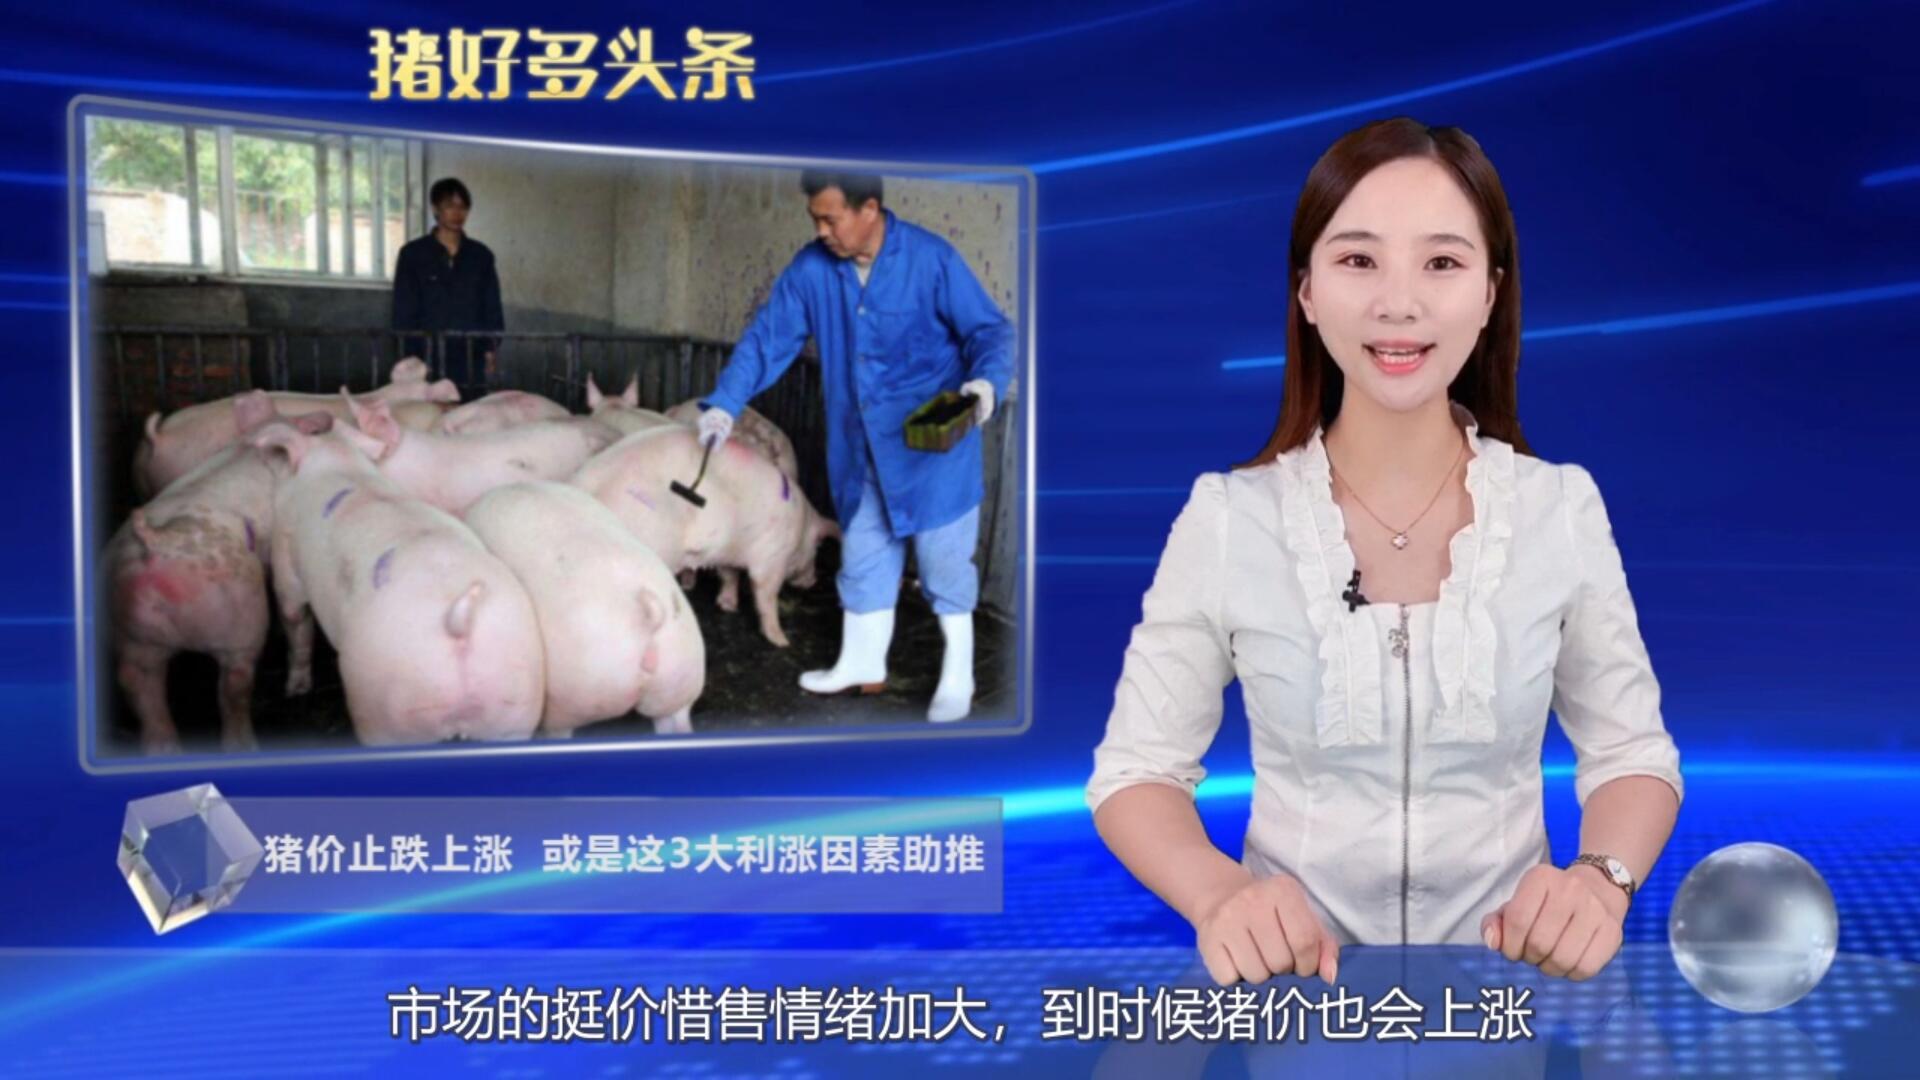 """猪价迎来""""开门红"""",接下来3大利好因素,猪价或涨到19元大关"""